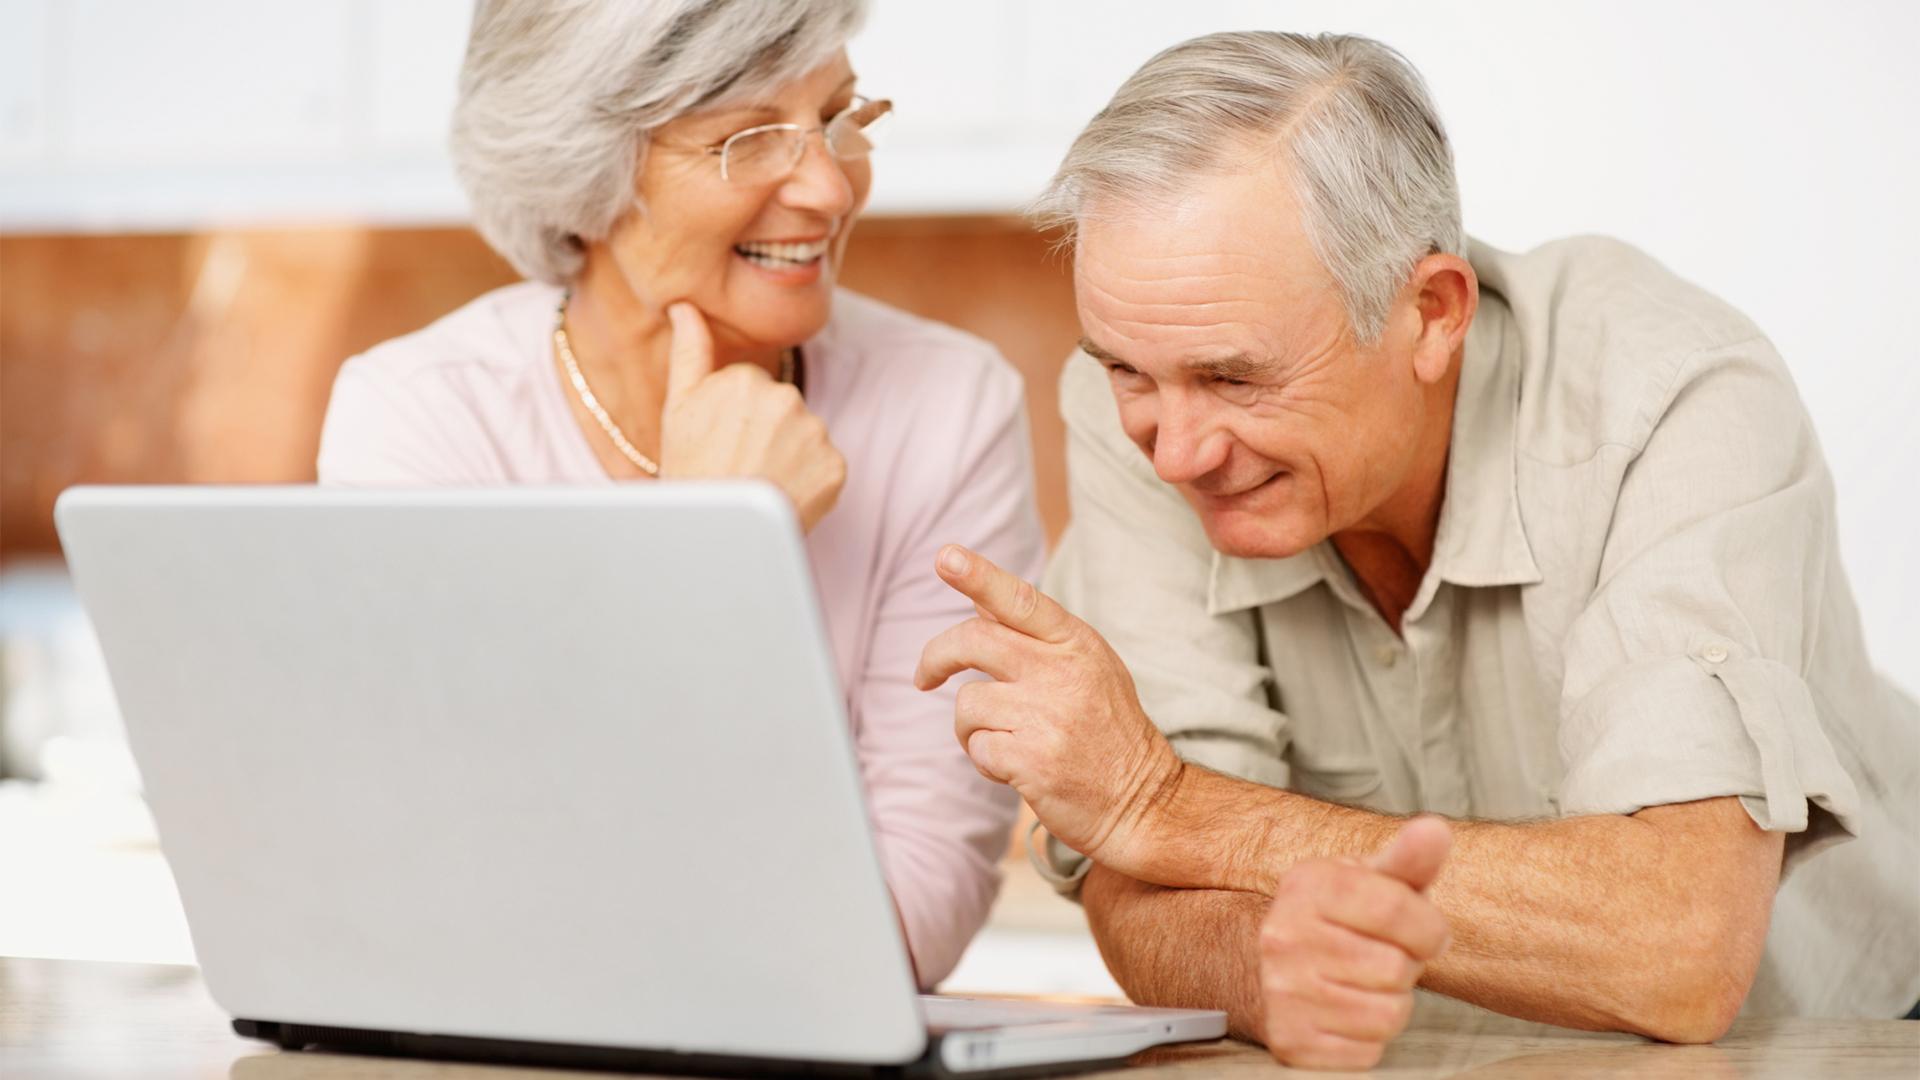 Где и как заработать деньги в интернете пенсионеру спорт прогноз на футбол на сегодня от профессионалов бесплатно на сегодня